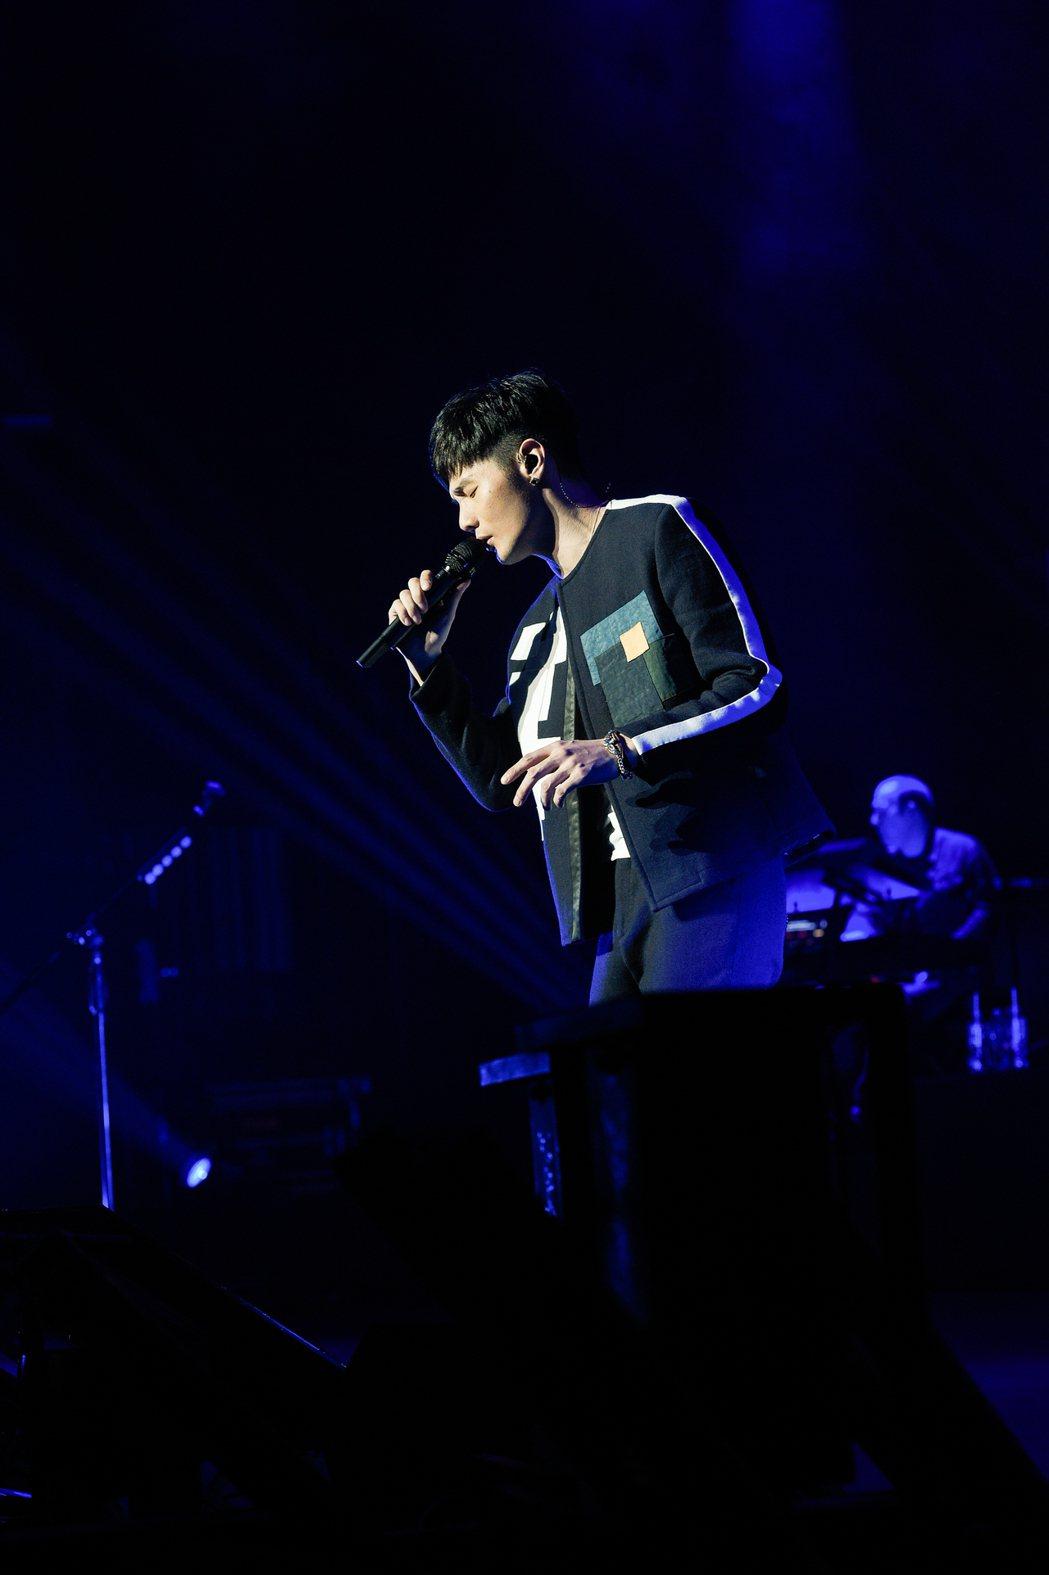 李榮浩的「有理想世界巡迴演唱會」,至今已跑了30場。圖/華納音樂提供